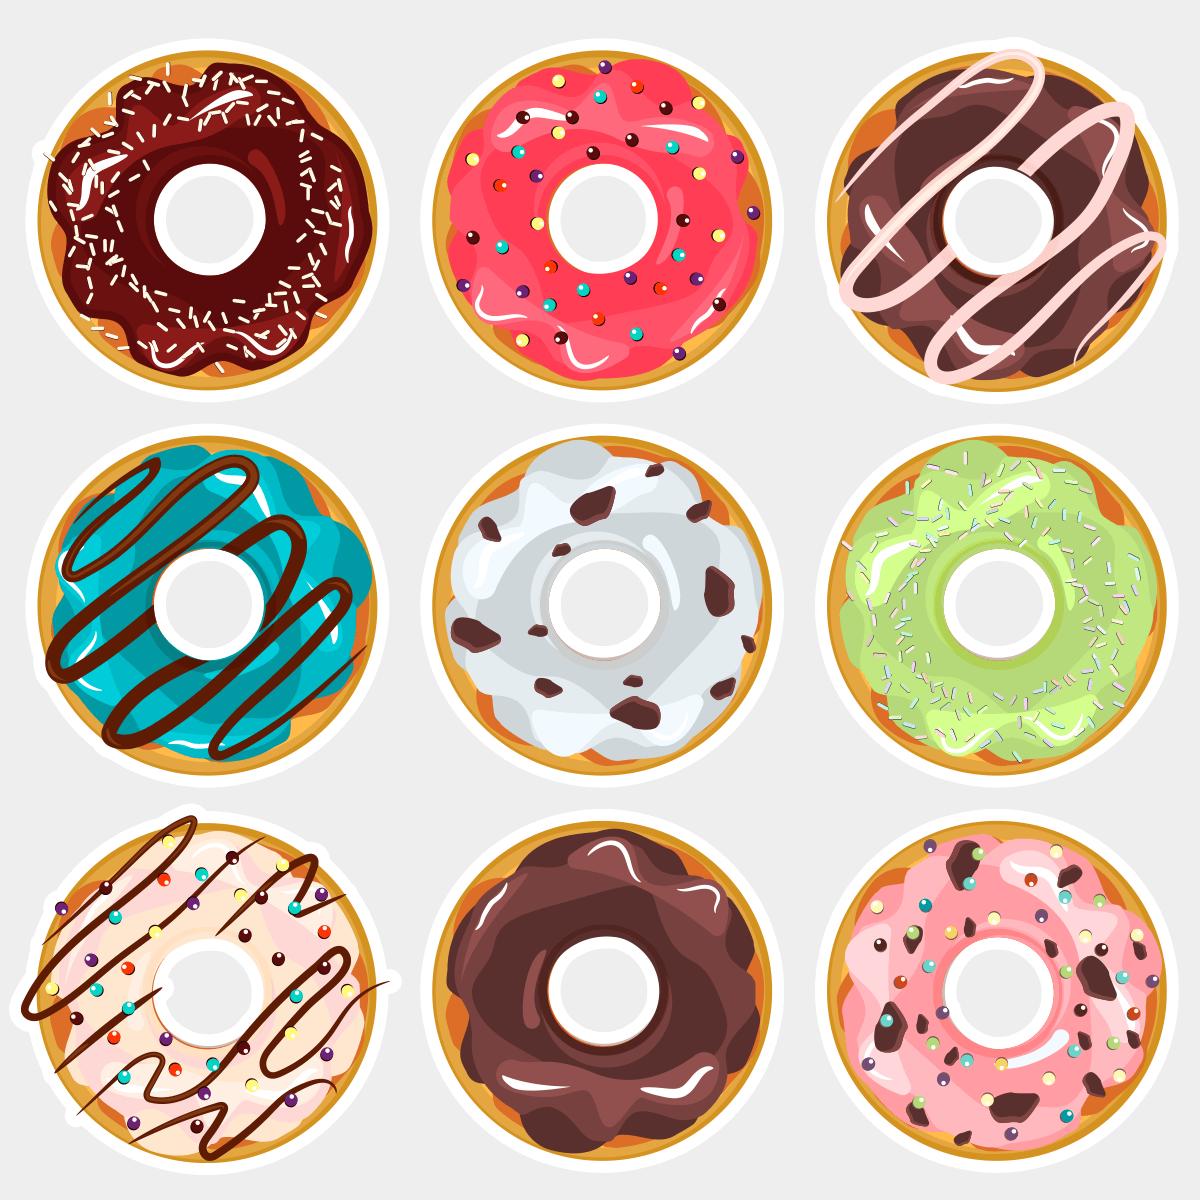 Фотобутафория Пончики 9 элементов